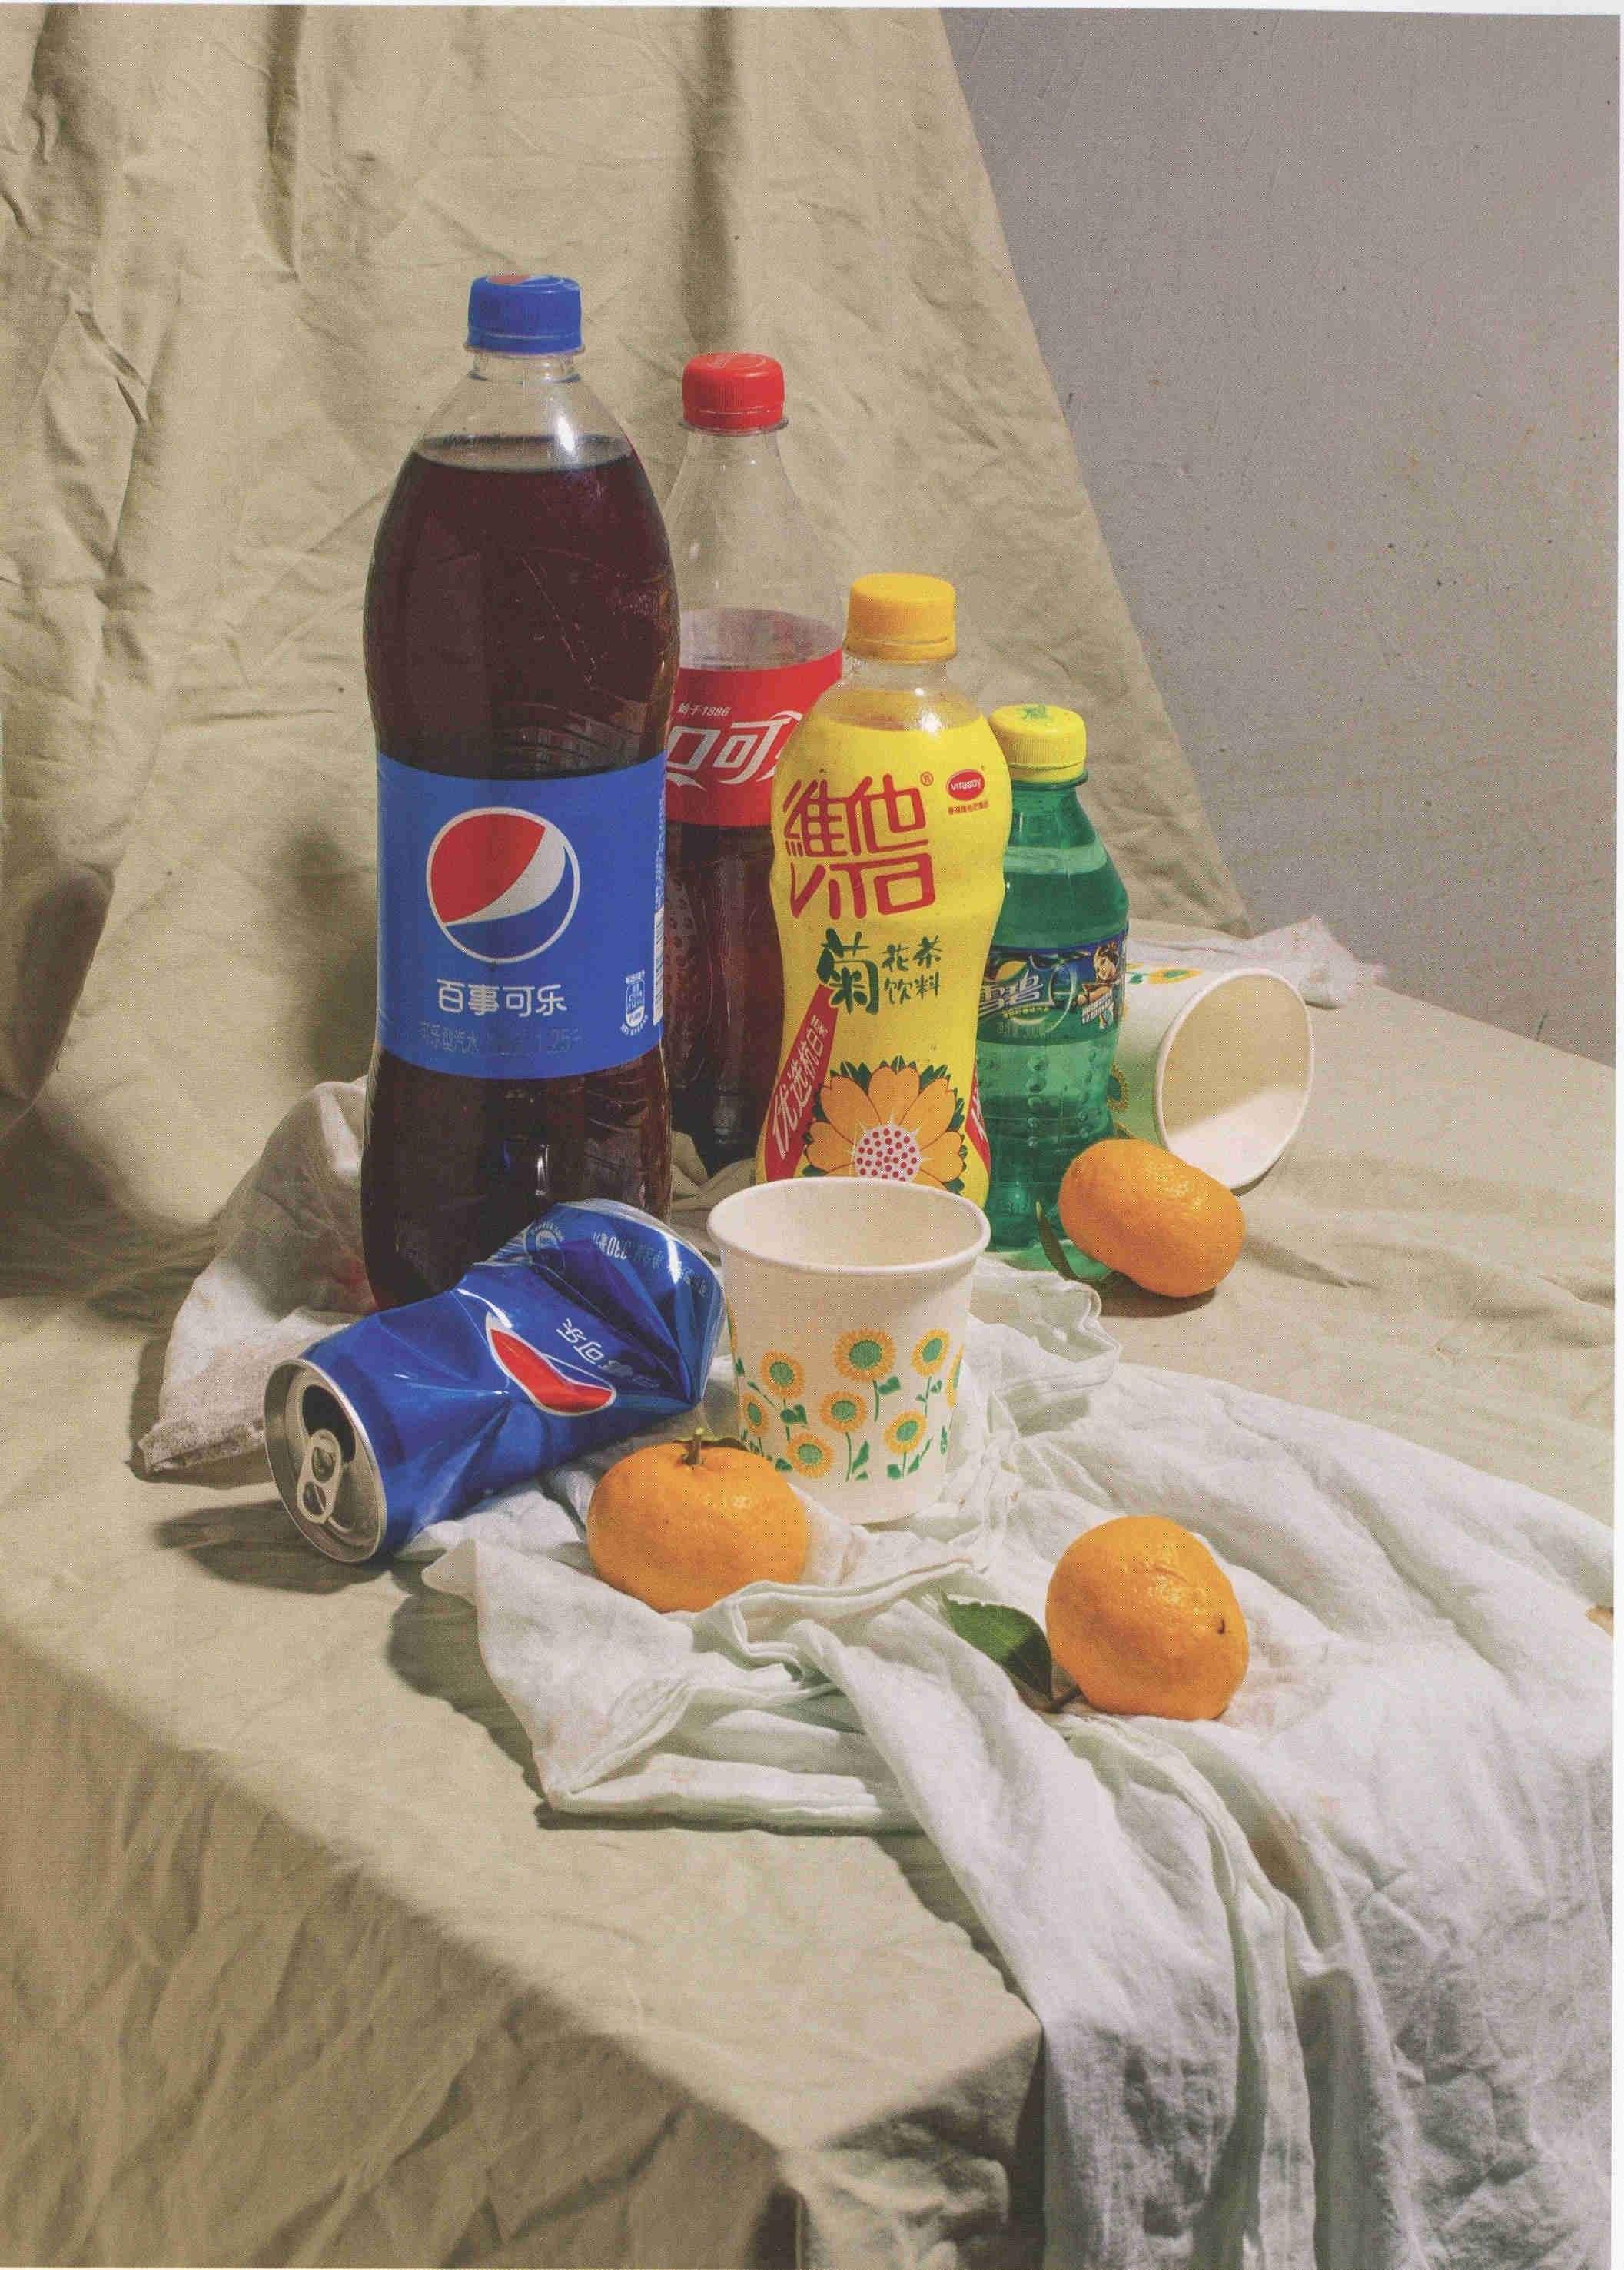 素描静物素材照片:百事可乐、雪碧等塑料瓶子组合